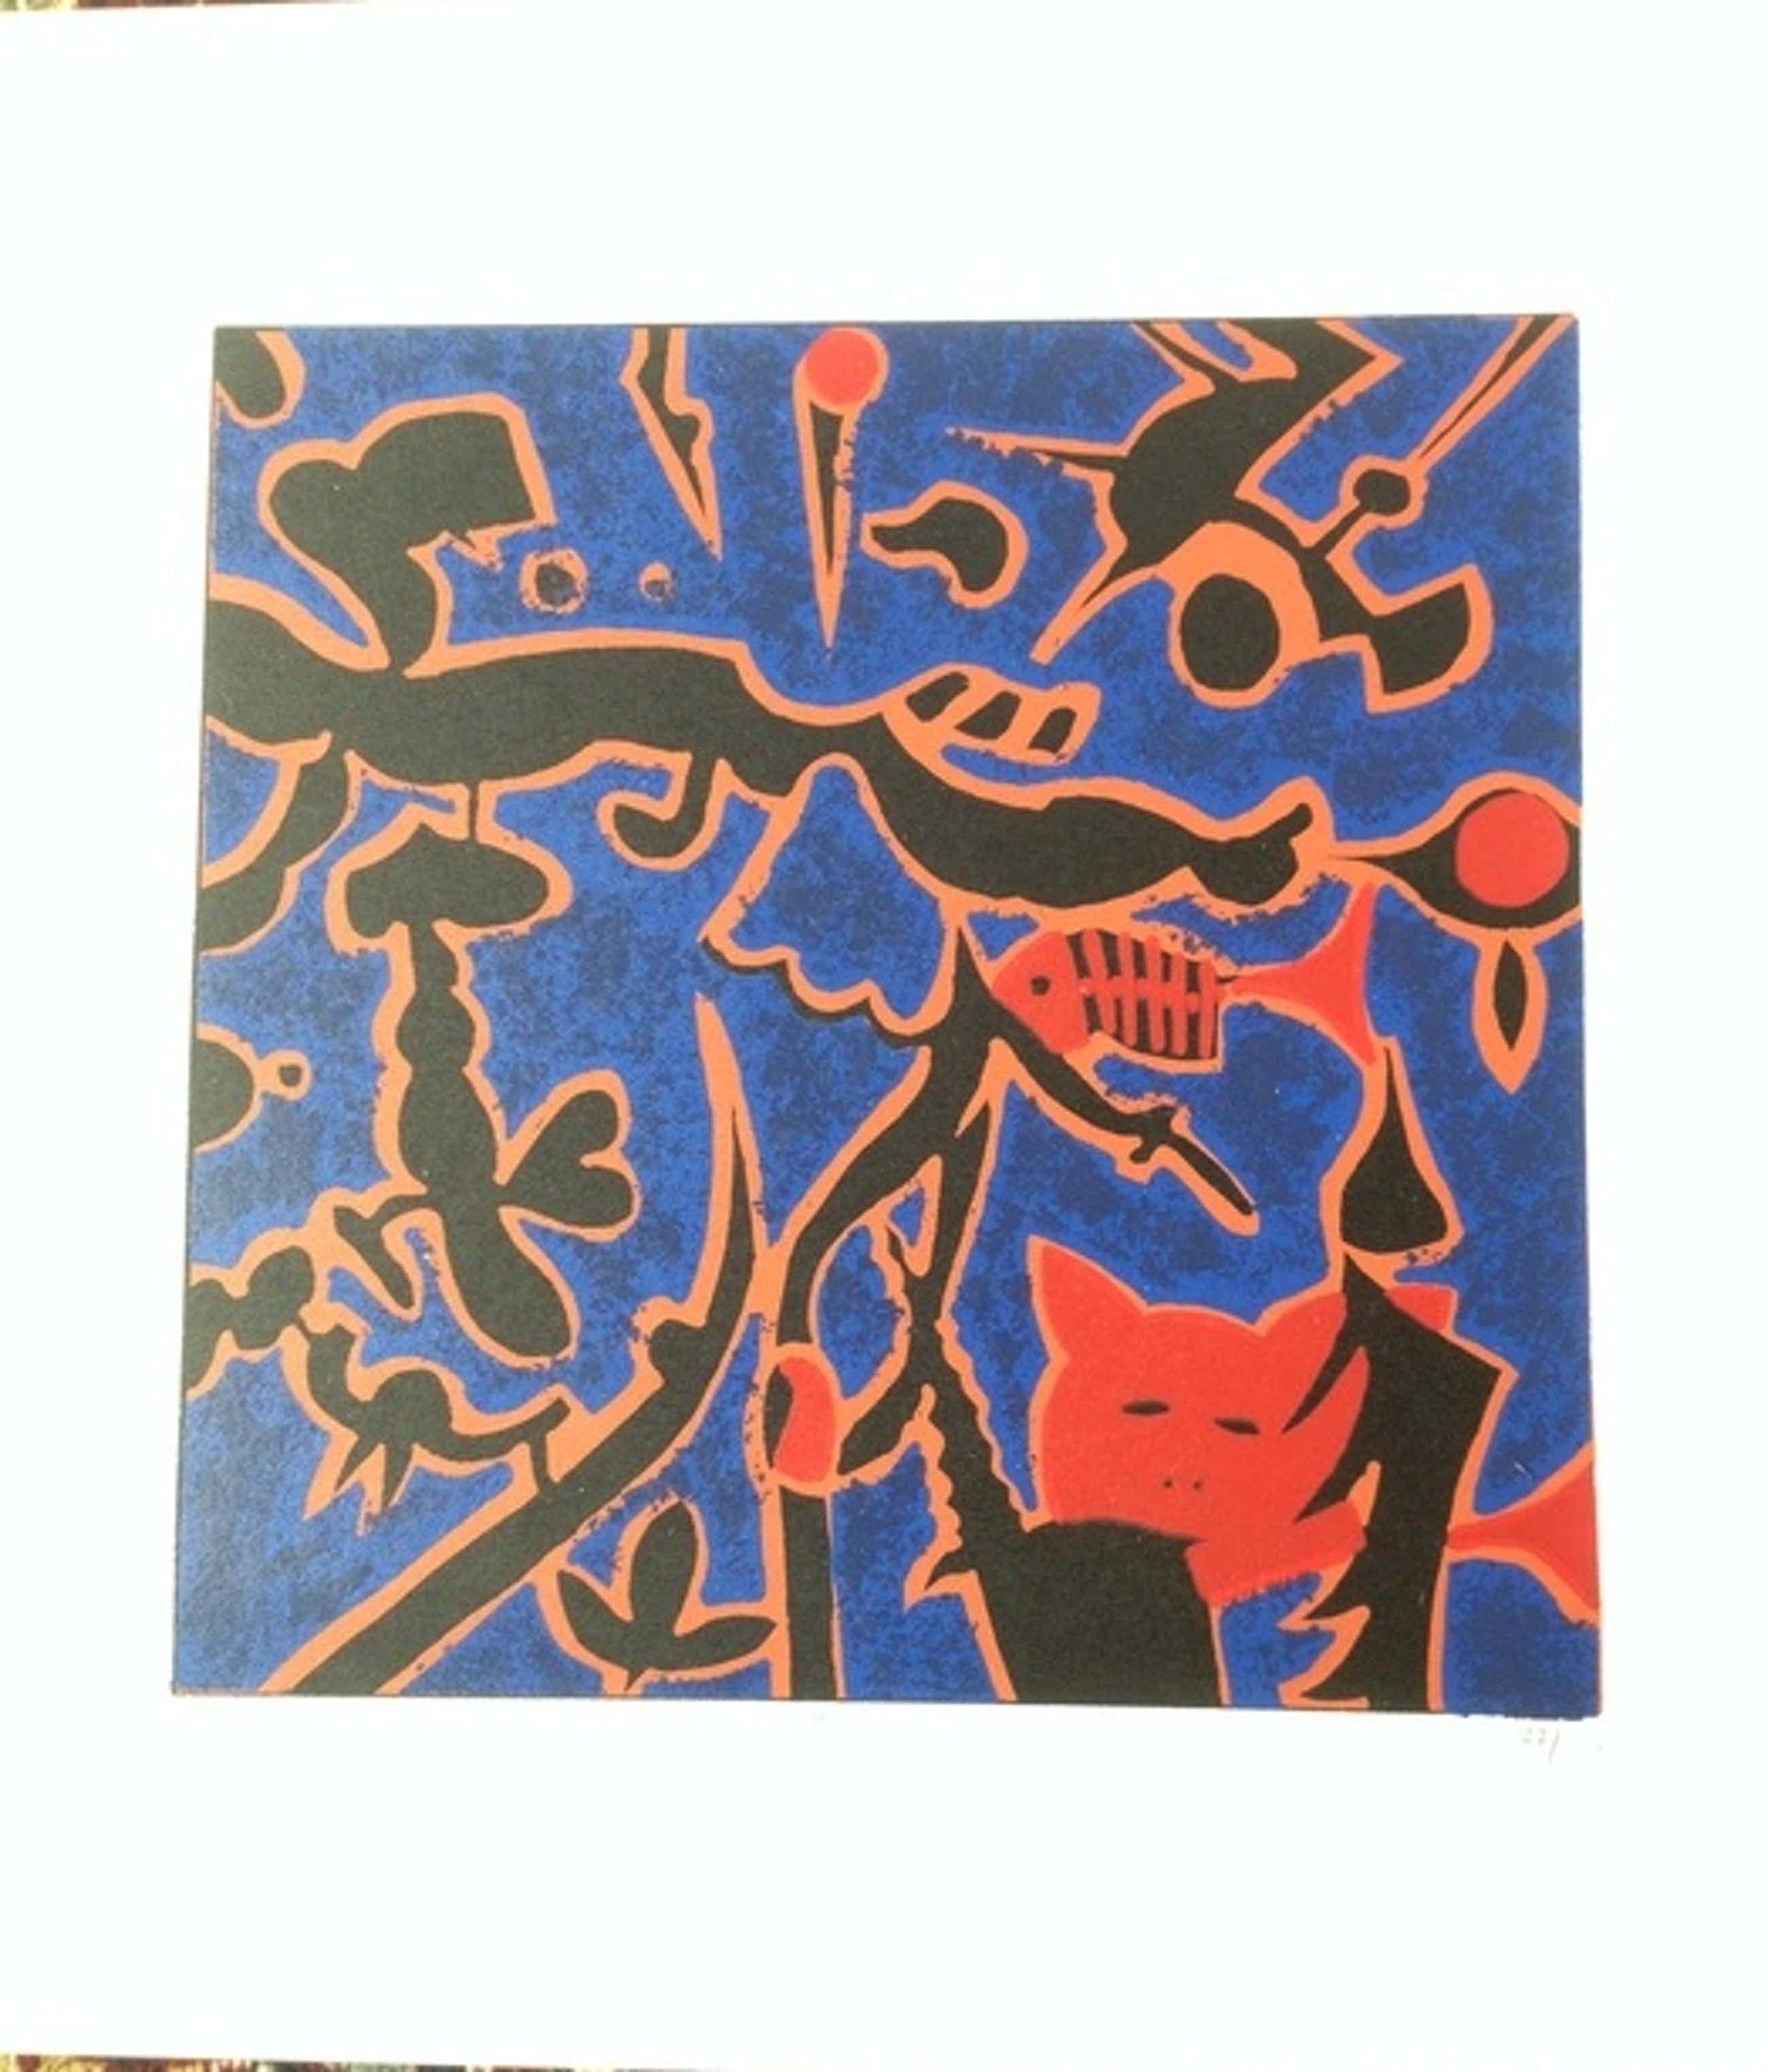 Calvin Christiaan - Cat and Fish - kleurenzeefdruk - handgesigneerd - 77/100 kopen? Bied vanaf 75!